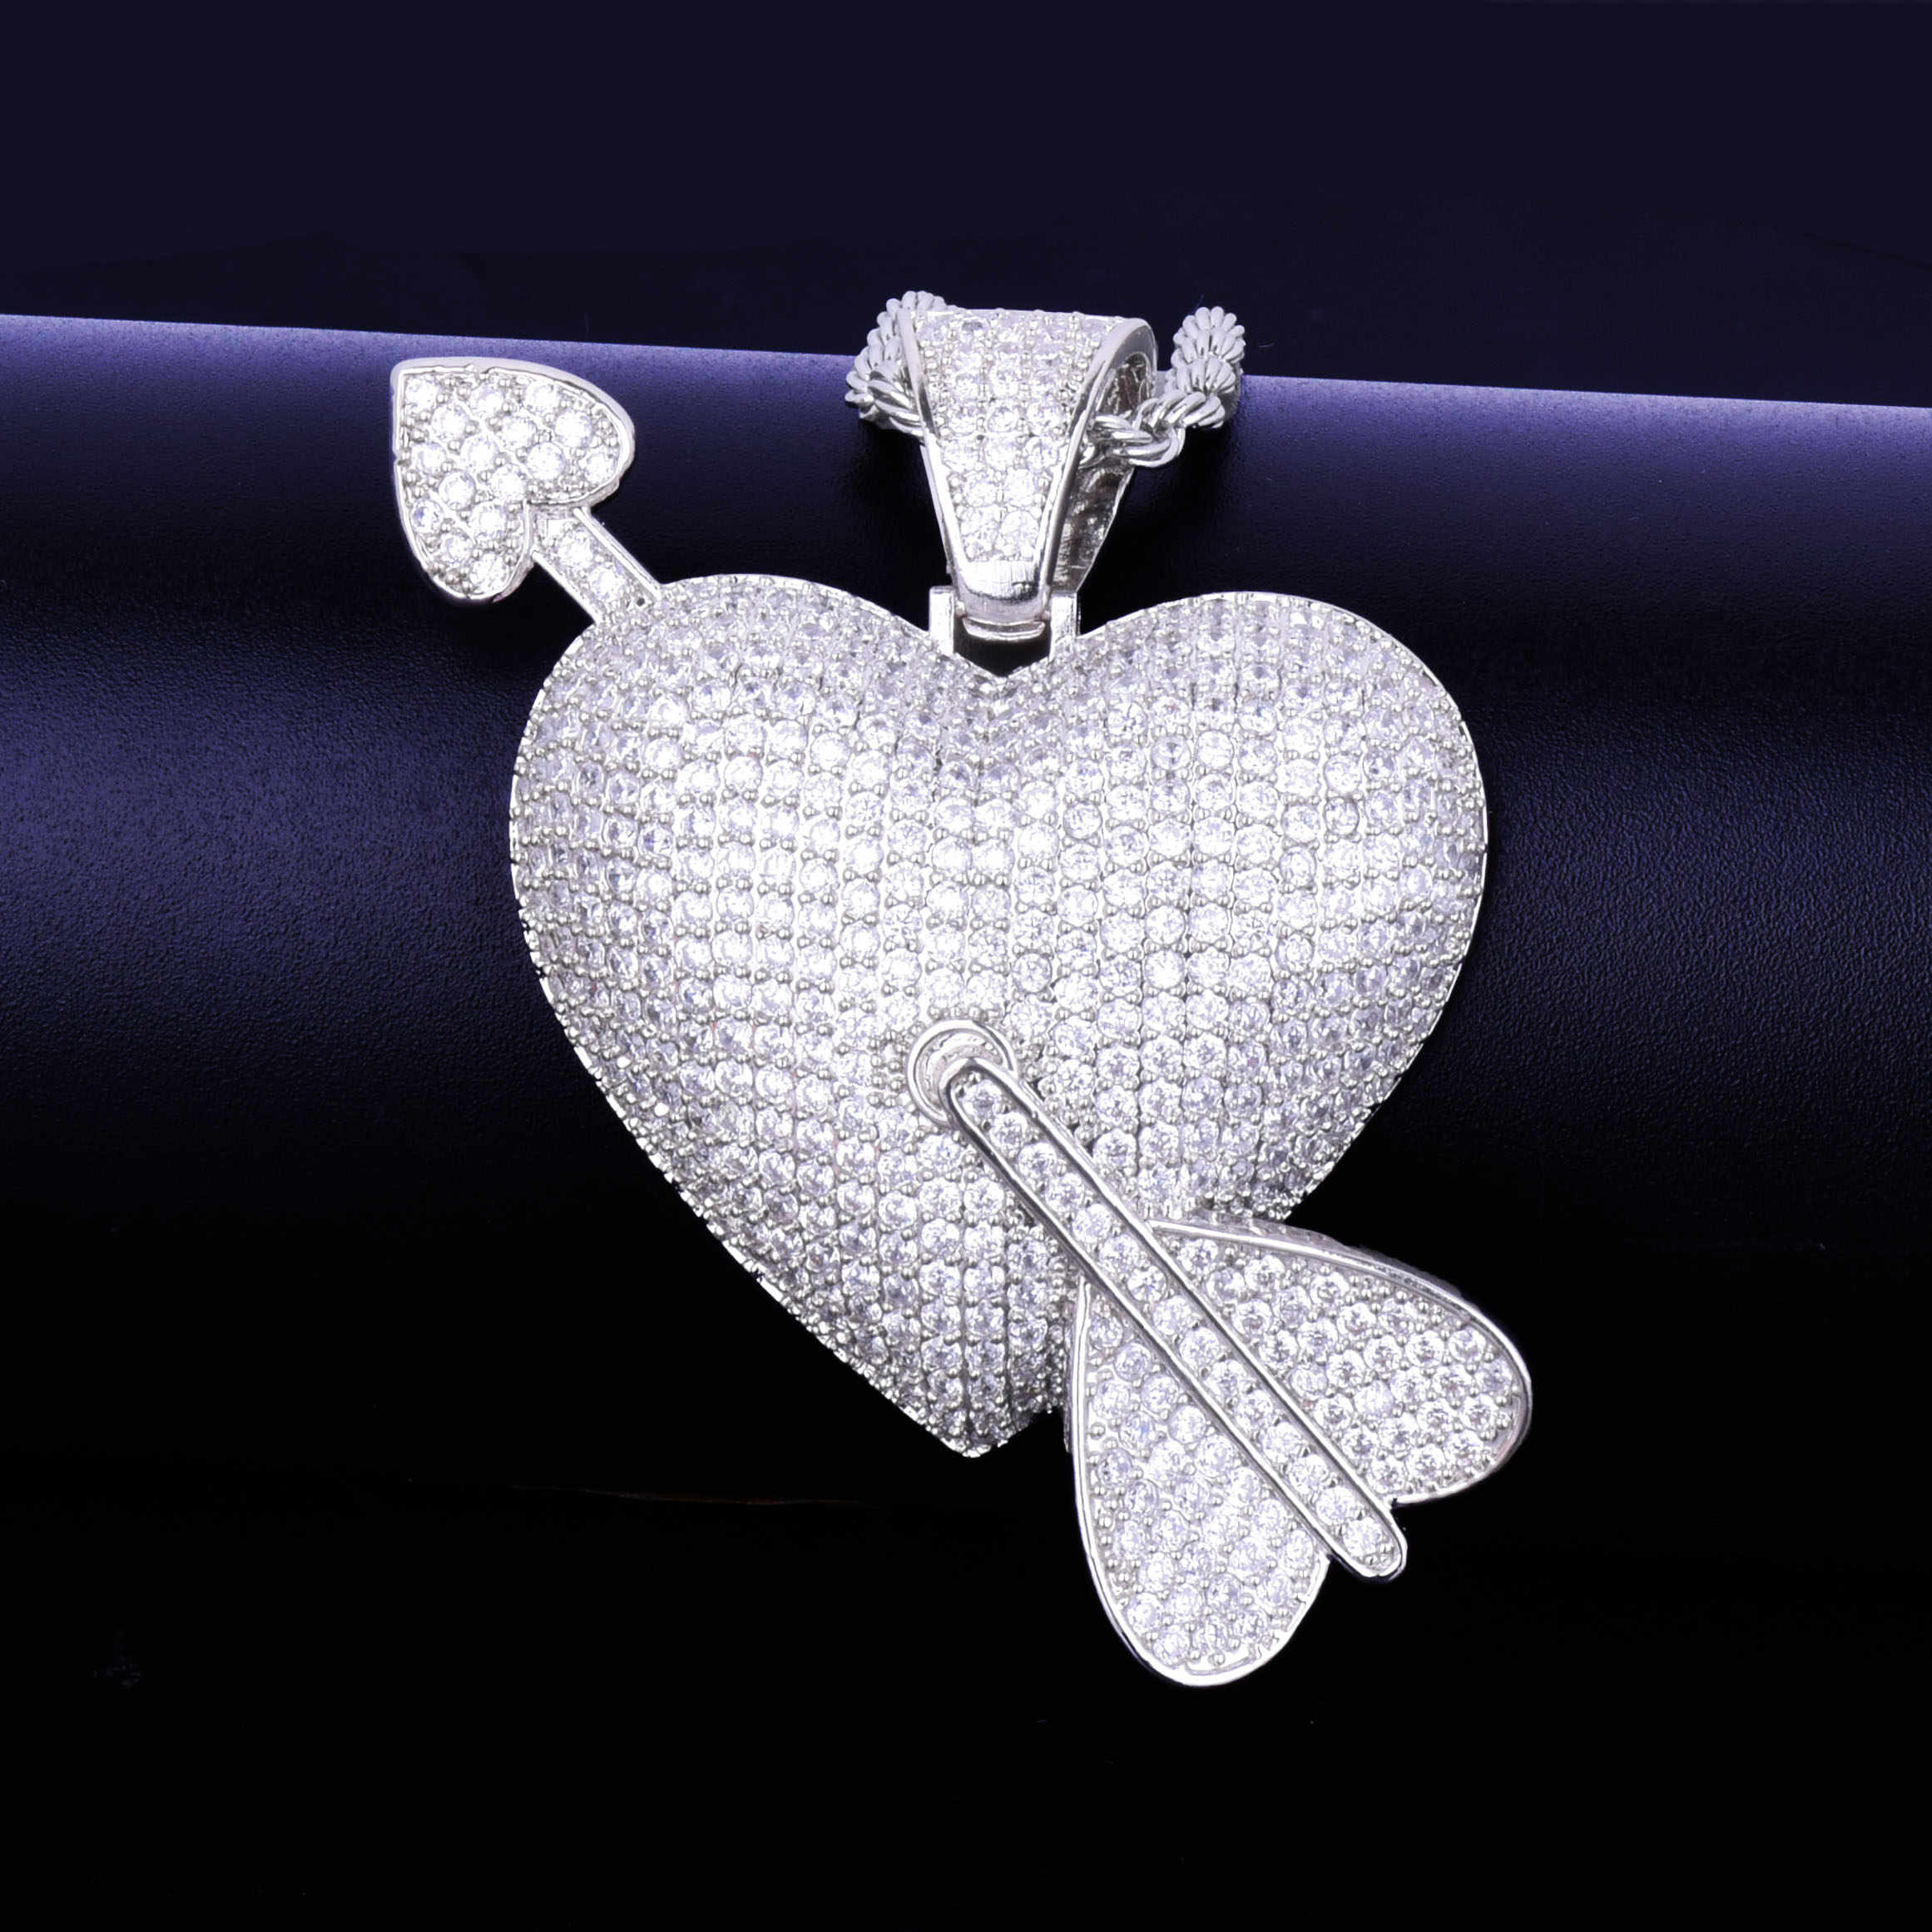 Trái tim Mũi Tên Mặt Dây Chuyền Đẹp, Mặt Dây Chuyền Nam 4mm Bóng Dây Chuyền Vàng Màu AAA Cubic Zircon Nam Hip hop của Đá bộ trang sức